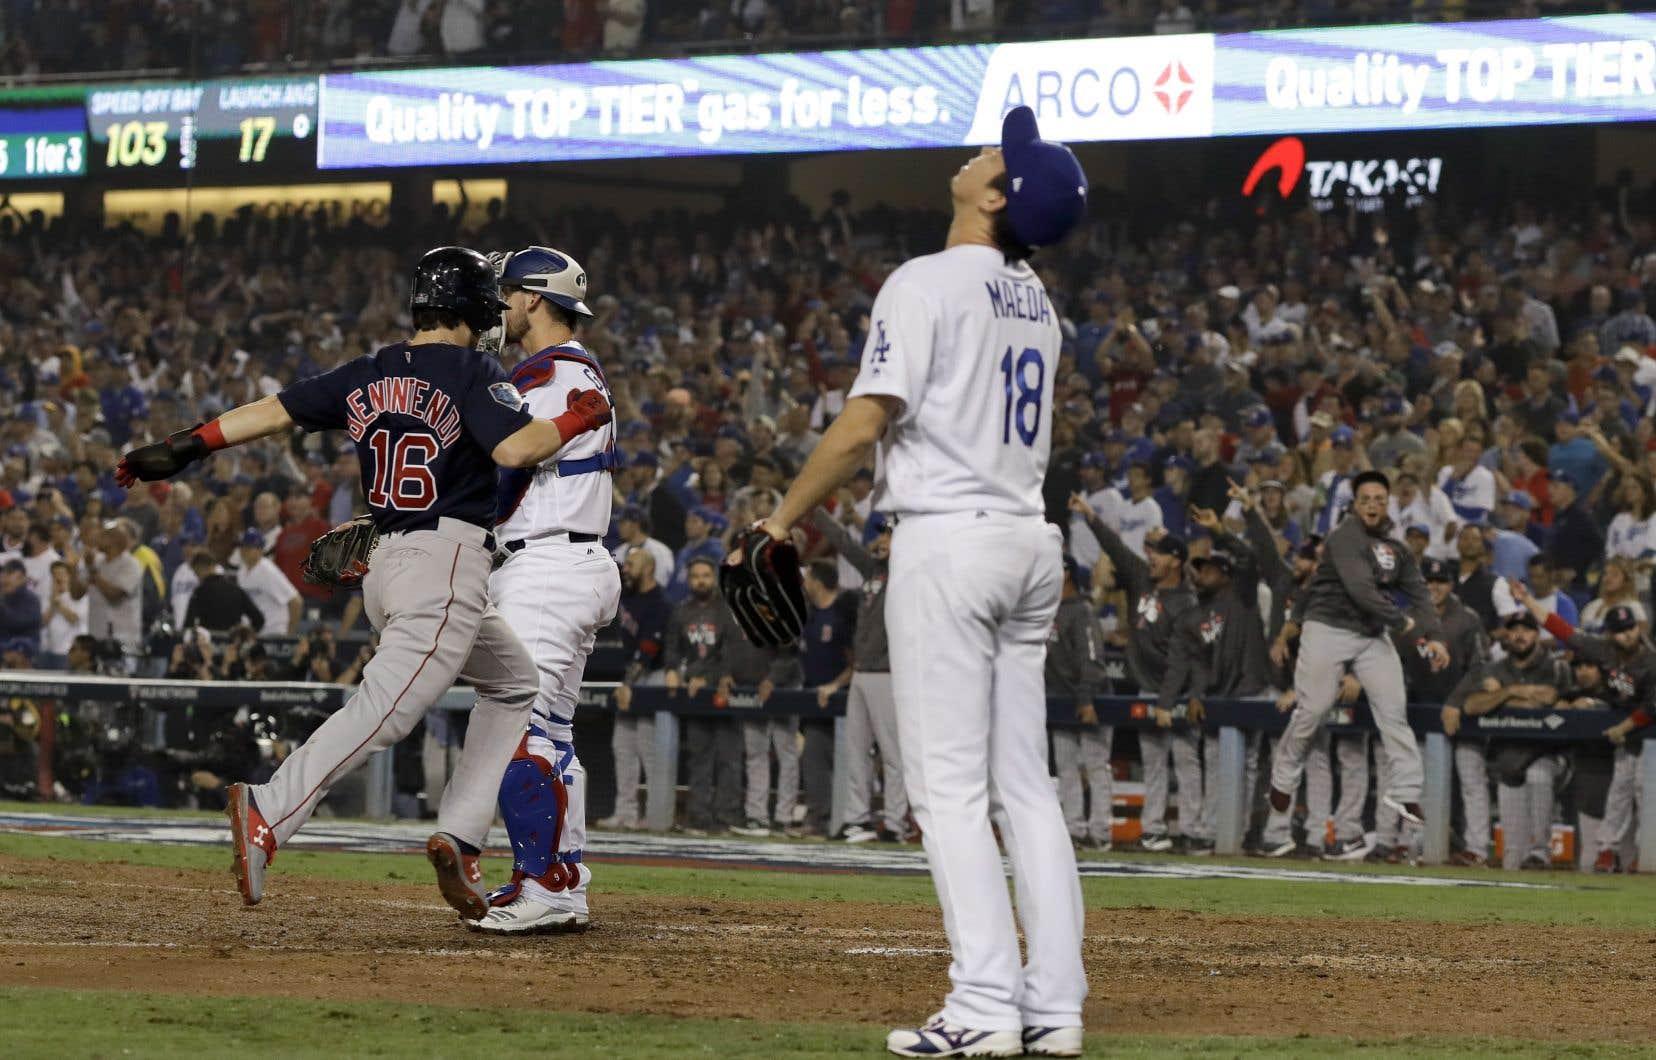 Les Dodgers ont ouvert les écluses en fin de sixième, alors que le pointage était toujours intact.Il ne fallait cependant pas compter les Red Sox pour vaincus si vite.